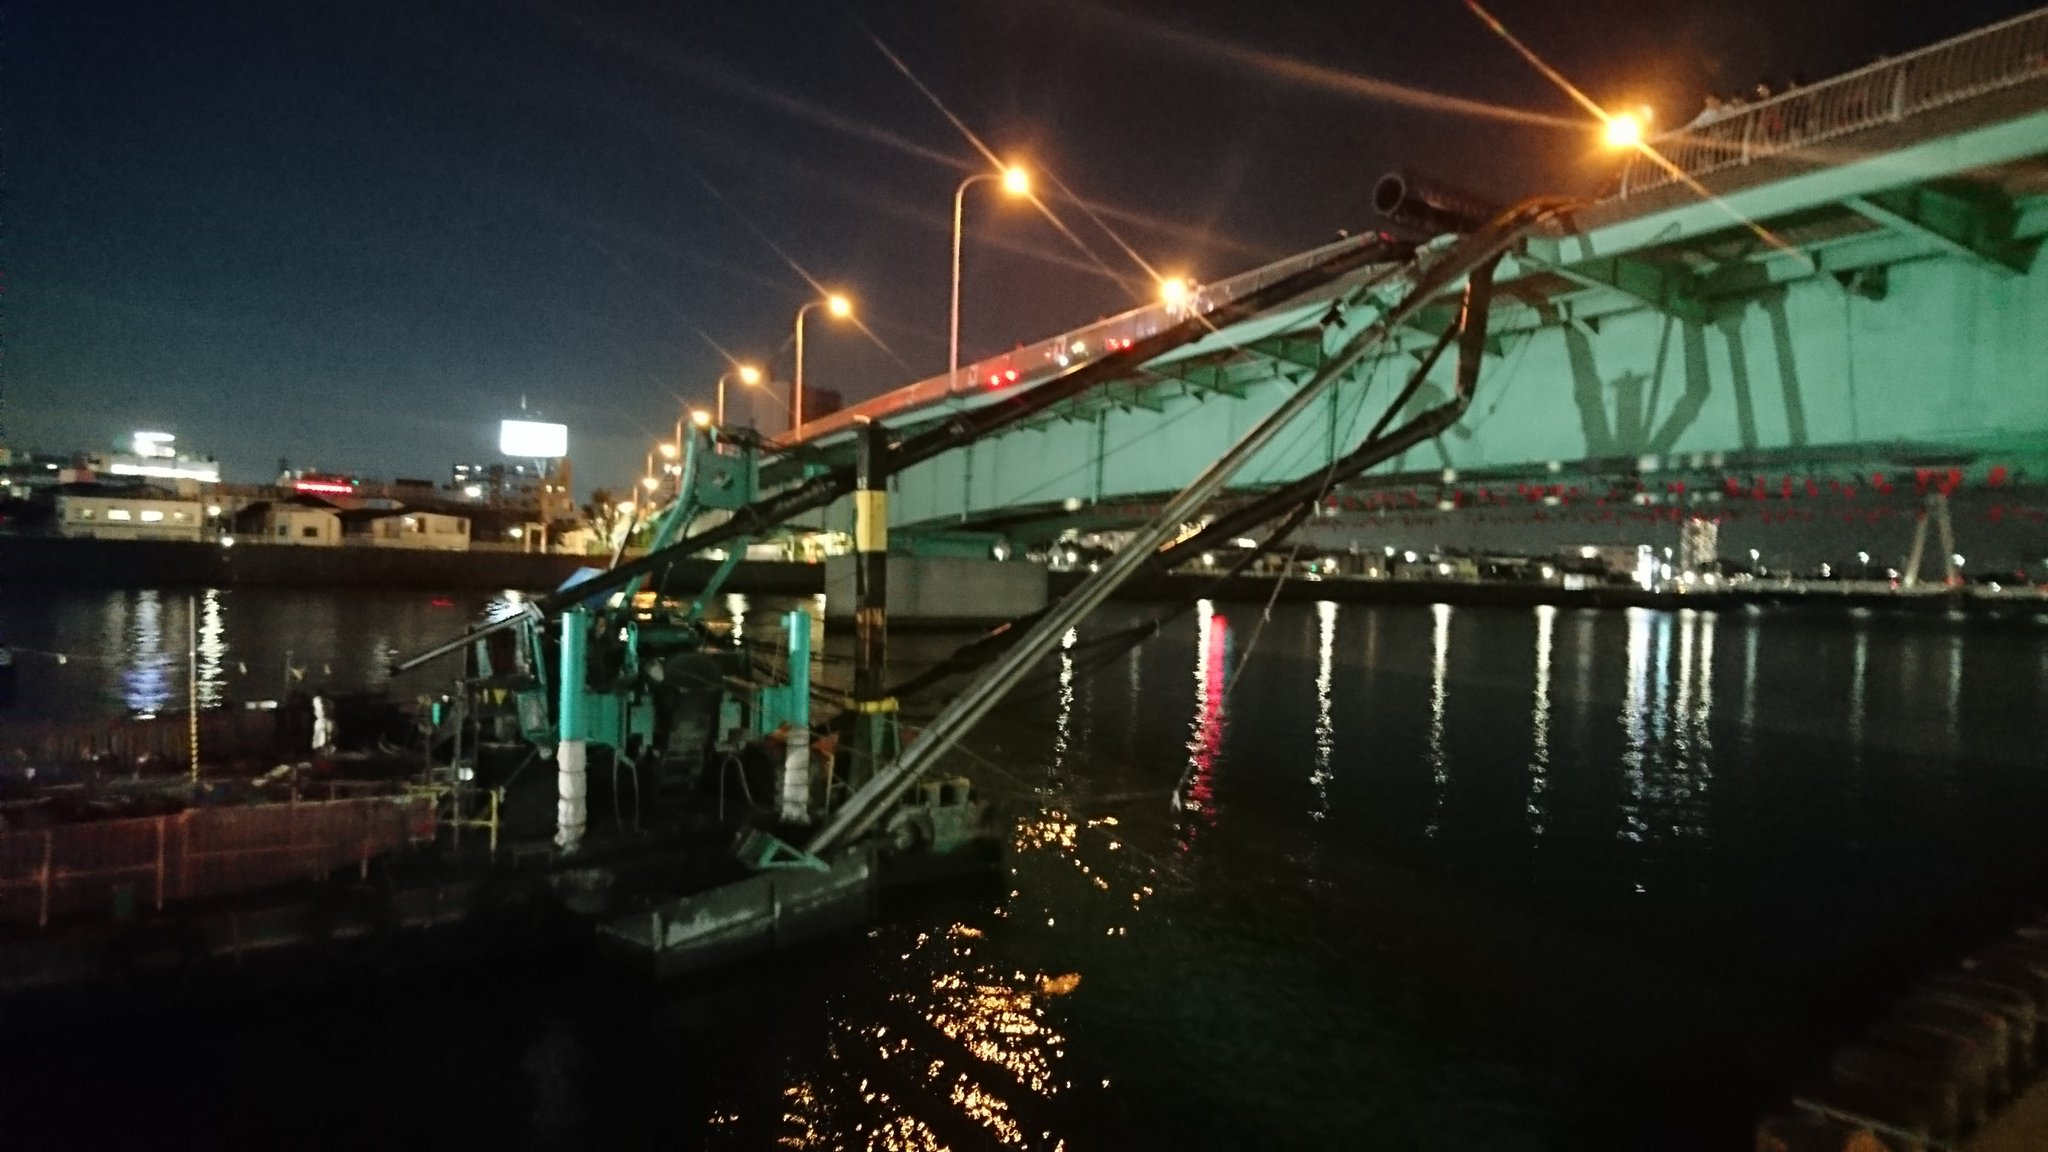 環状七号線の青砥橋でクレーンが倒れる事故の現場画像